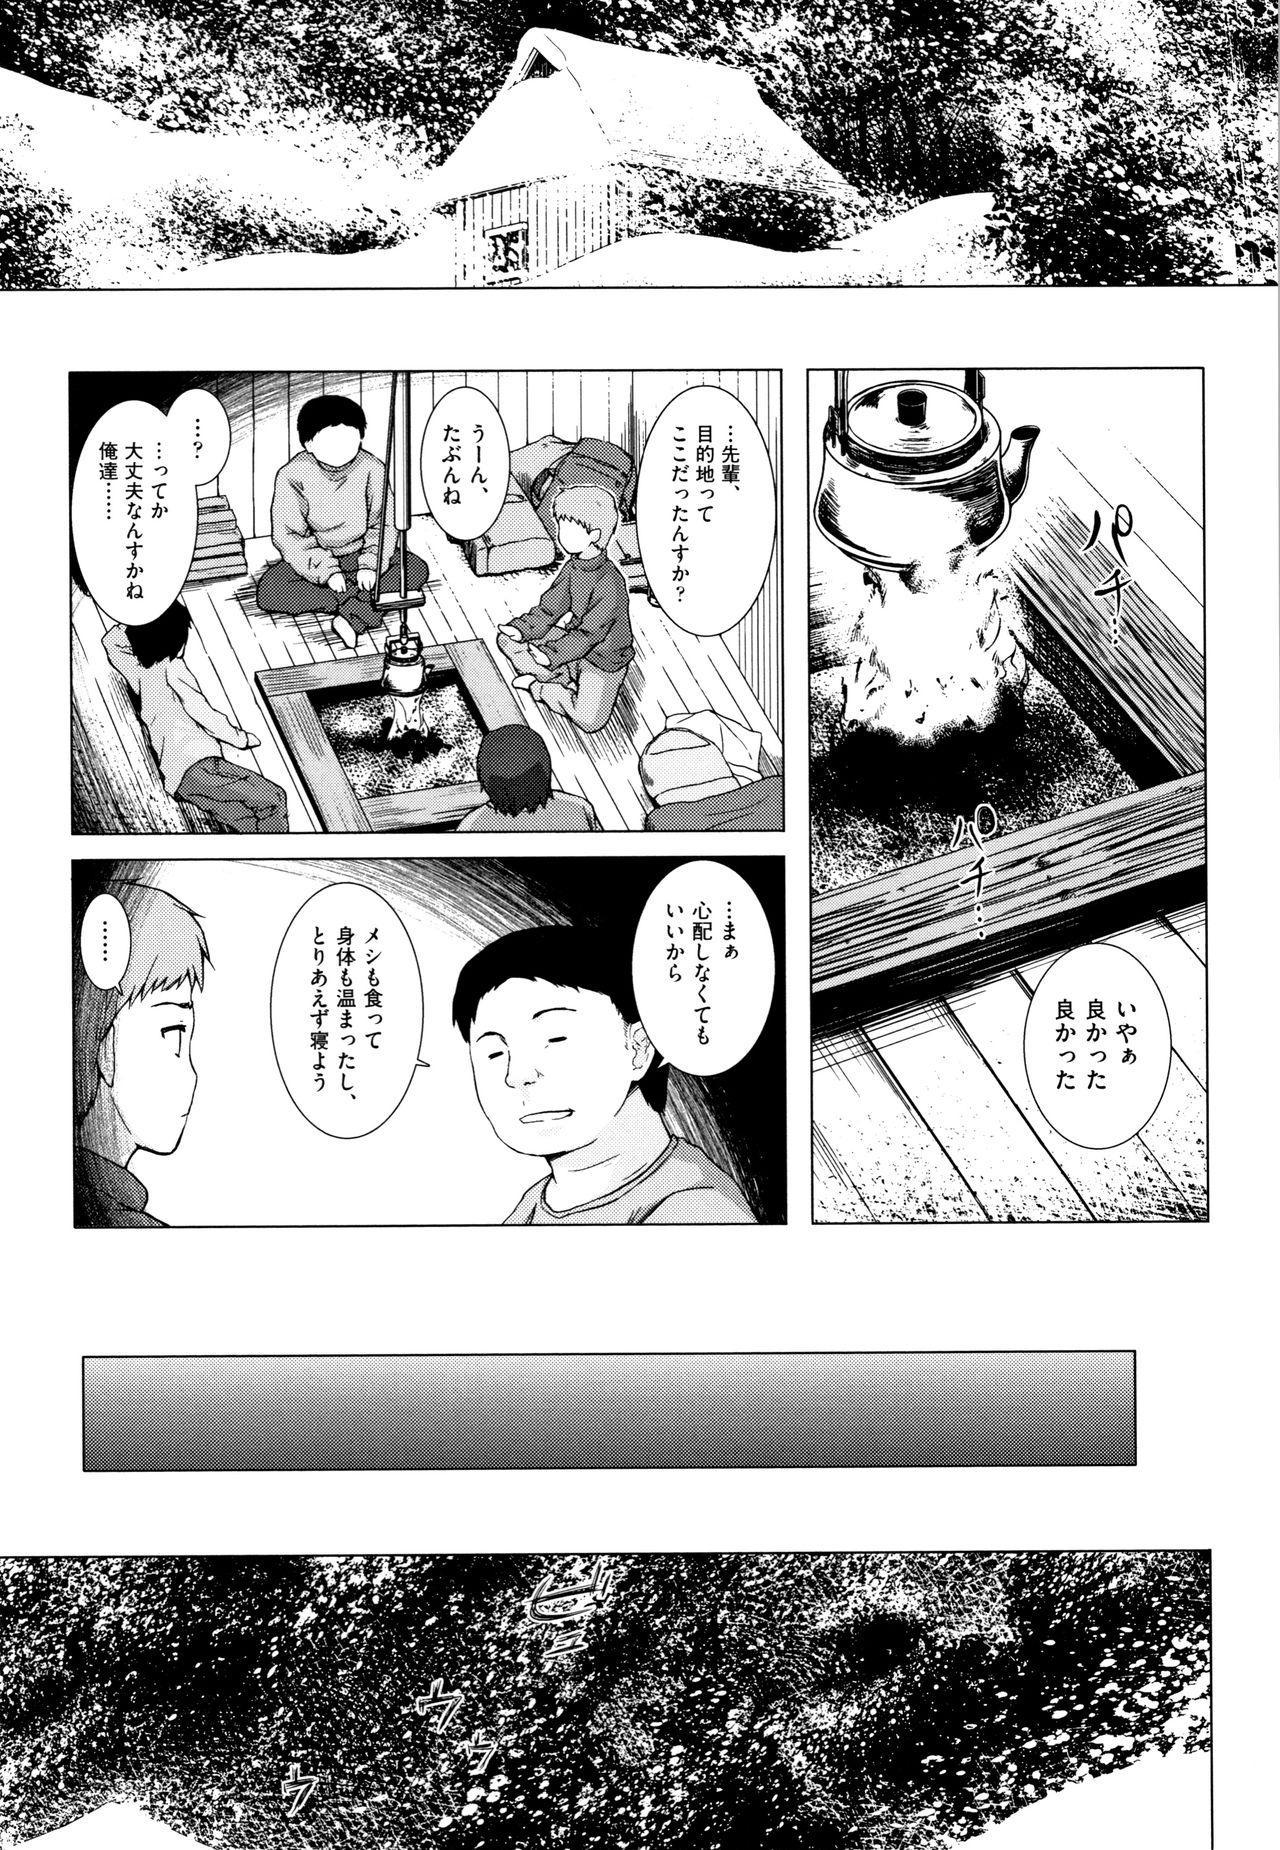 Monokemono 161